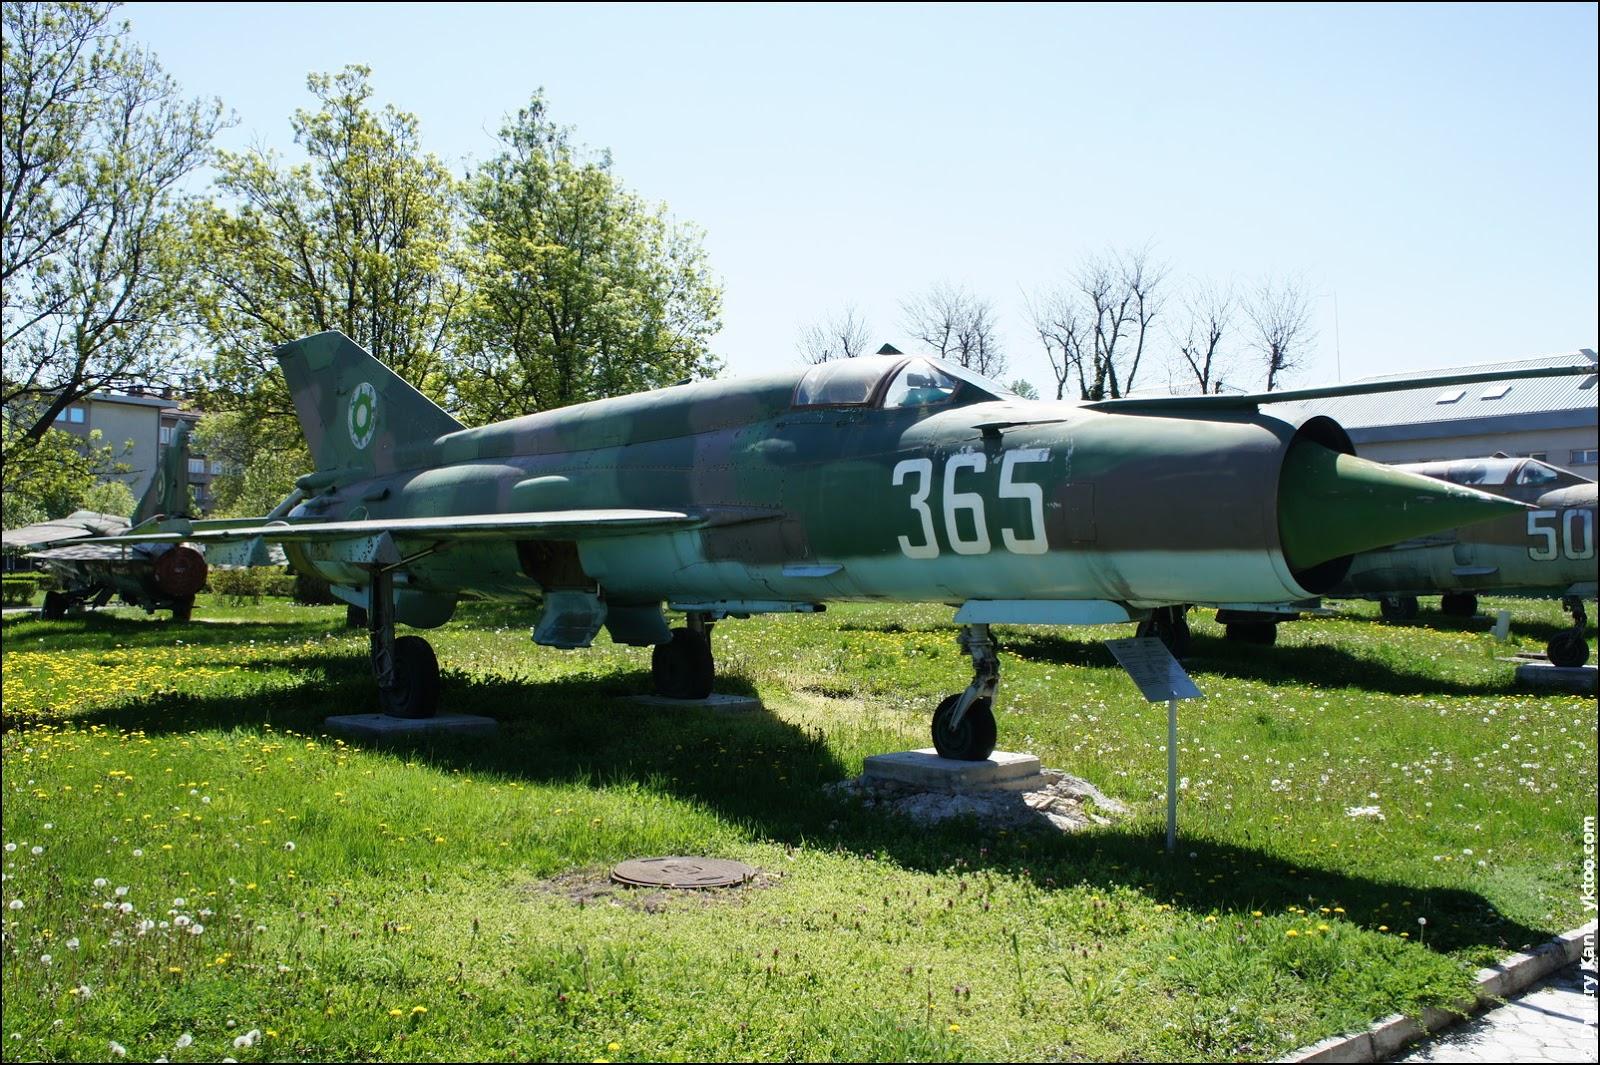 Fighter MiG-21 BIS.